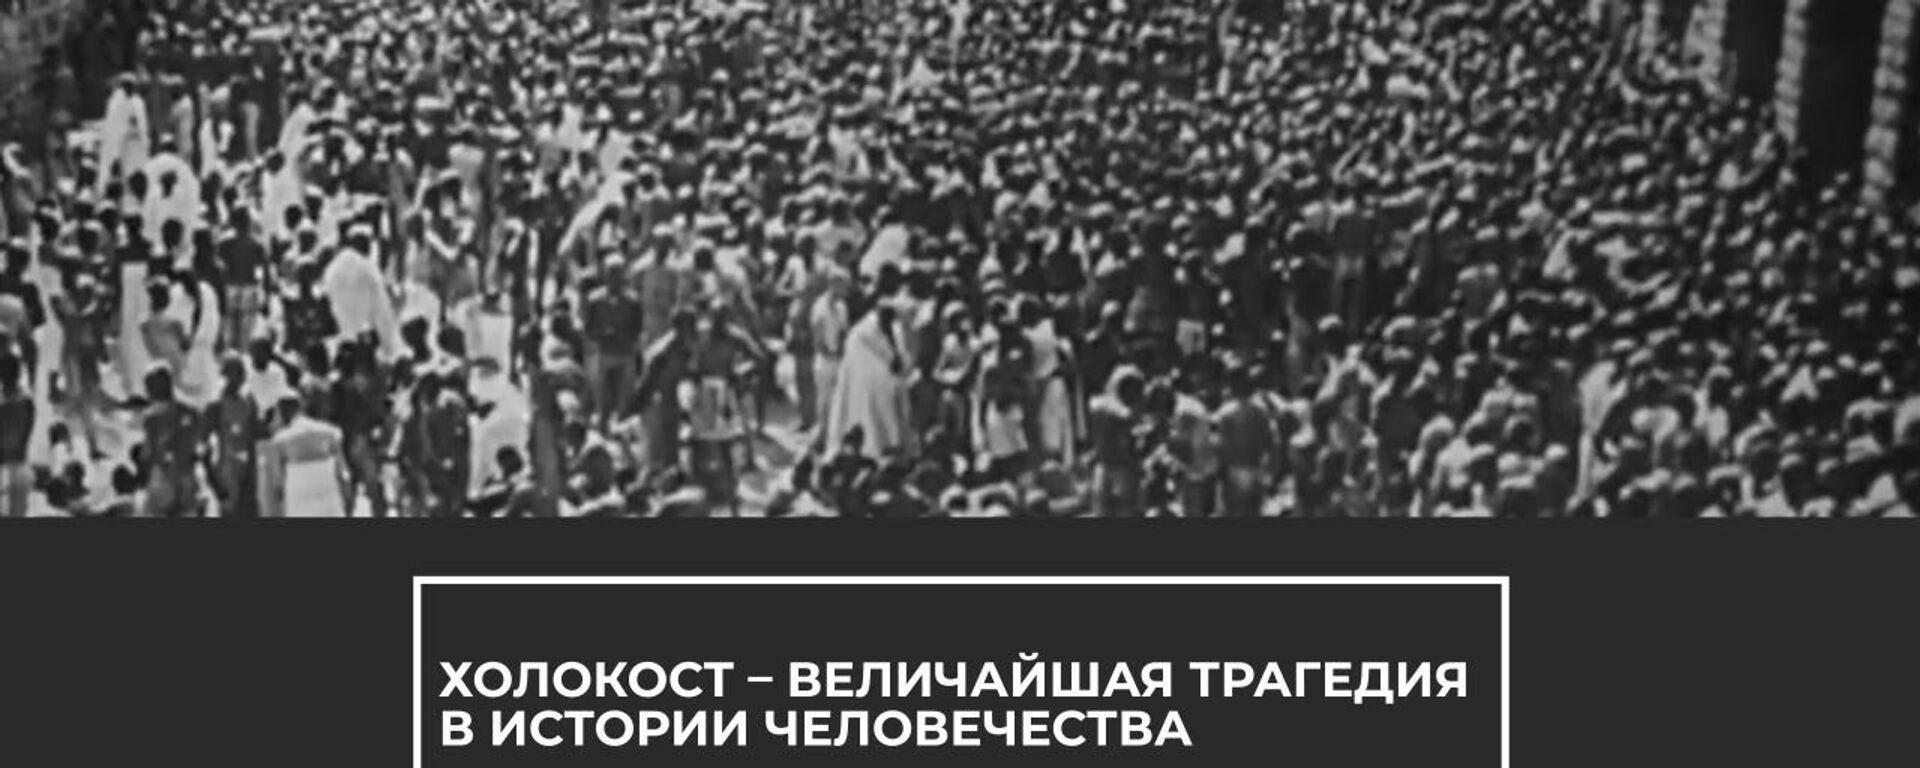 Нельзя забывать: сегодня День памяти жертв Холокоста - Sputnik Latvija, 1920, 28.01.2021